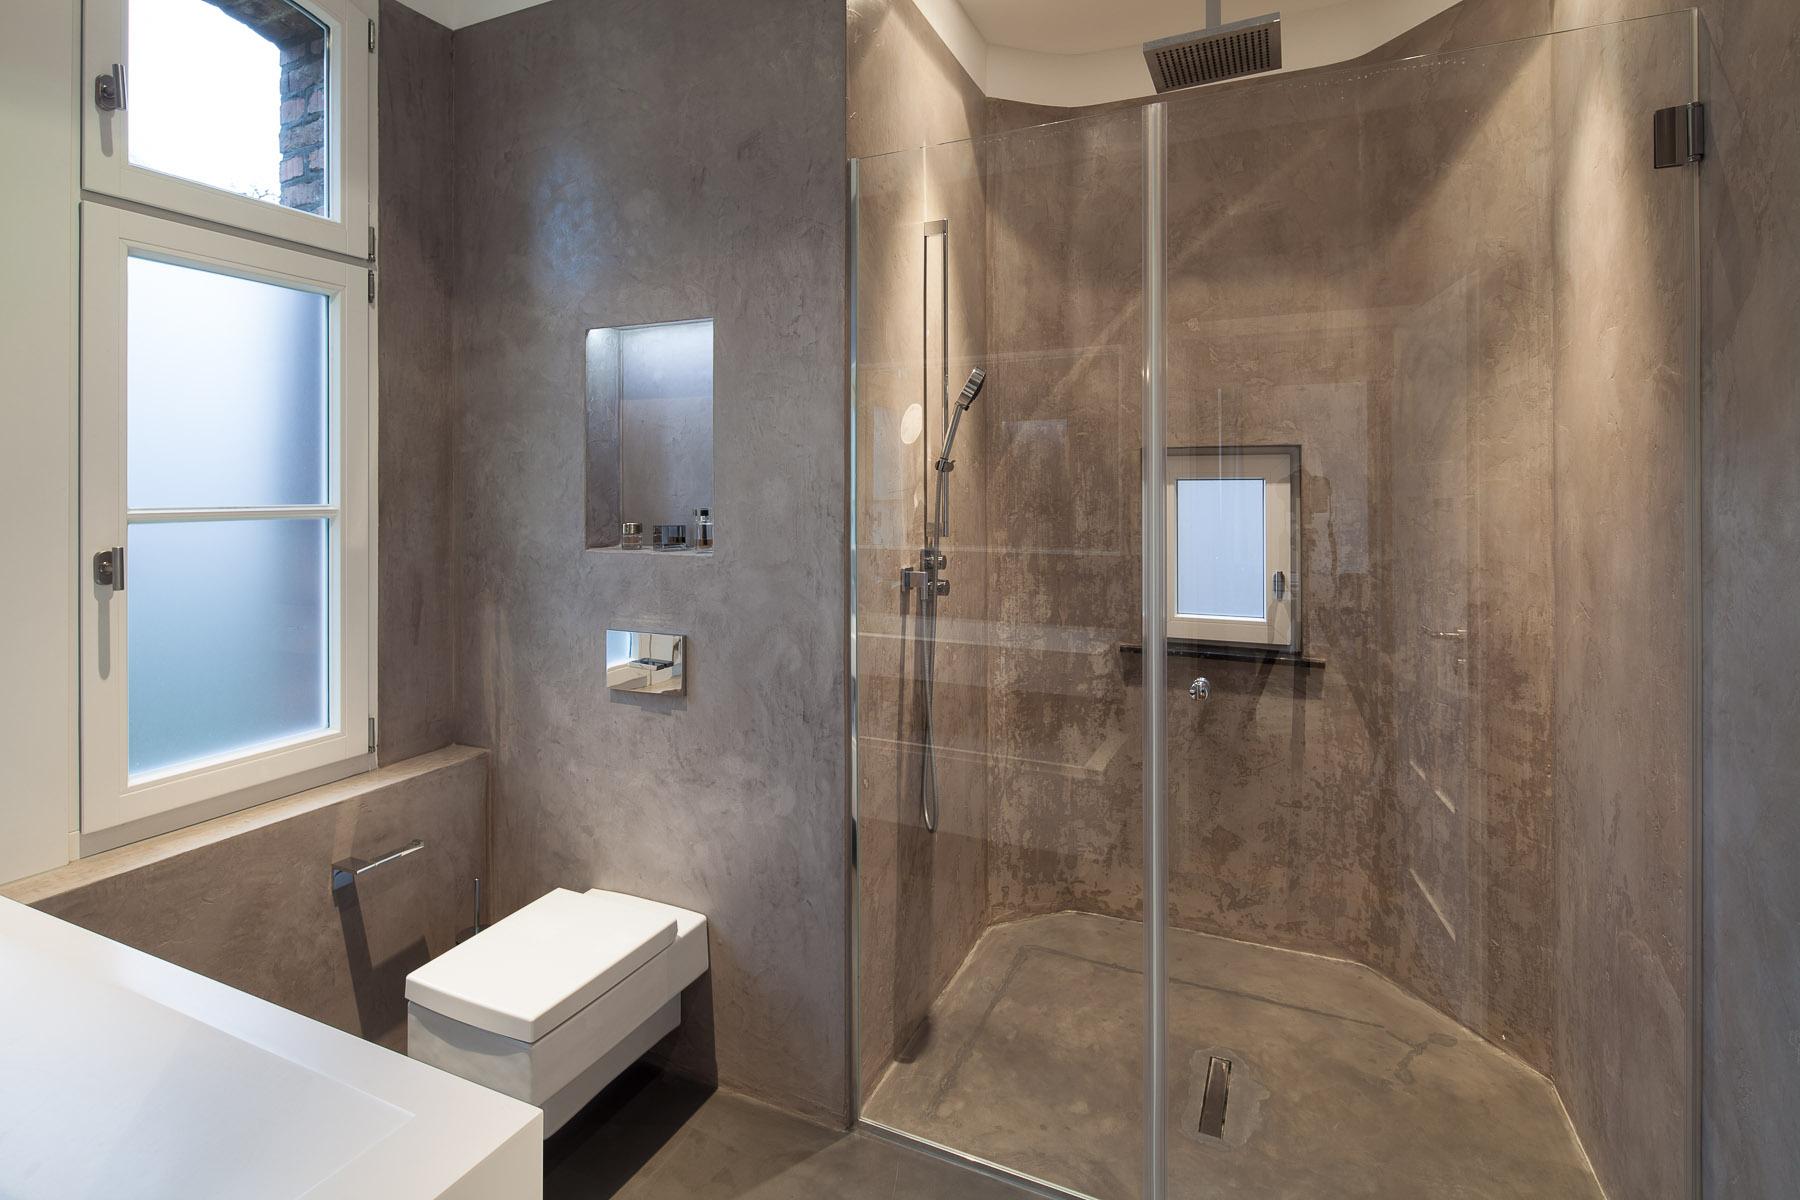 Badezimmer Beton Putz #21: Stkn Architekten Blog Dekorative Oberflchen In Bad Und Kche U Es Mssen  Nicht Immer Fliesen Sein.